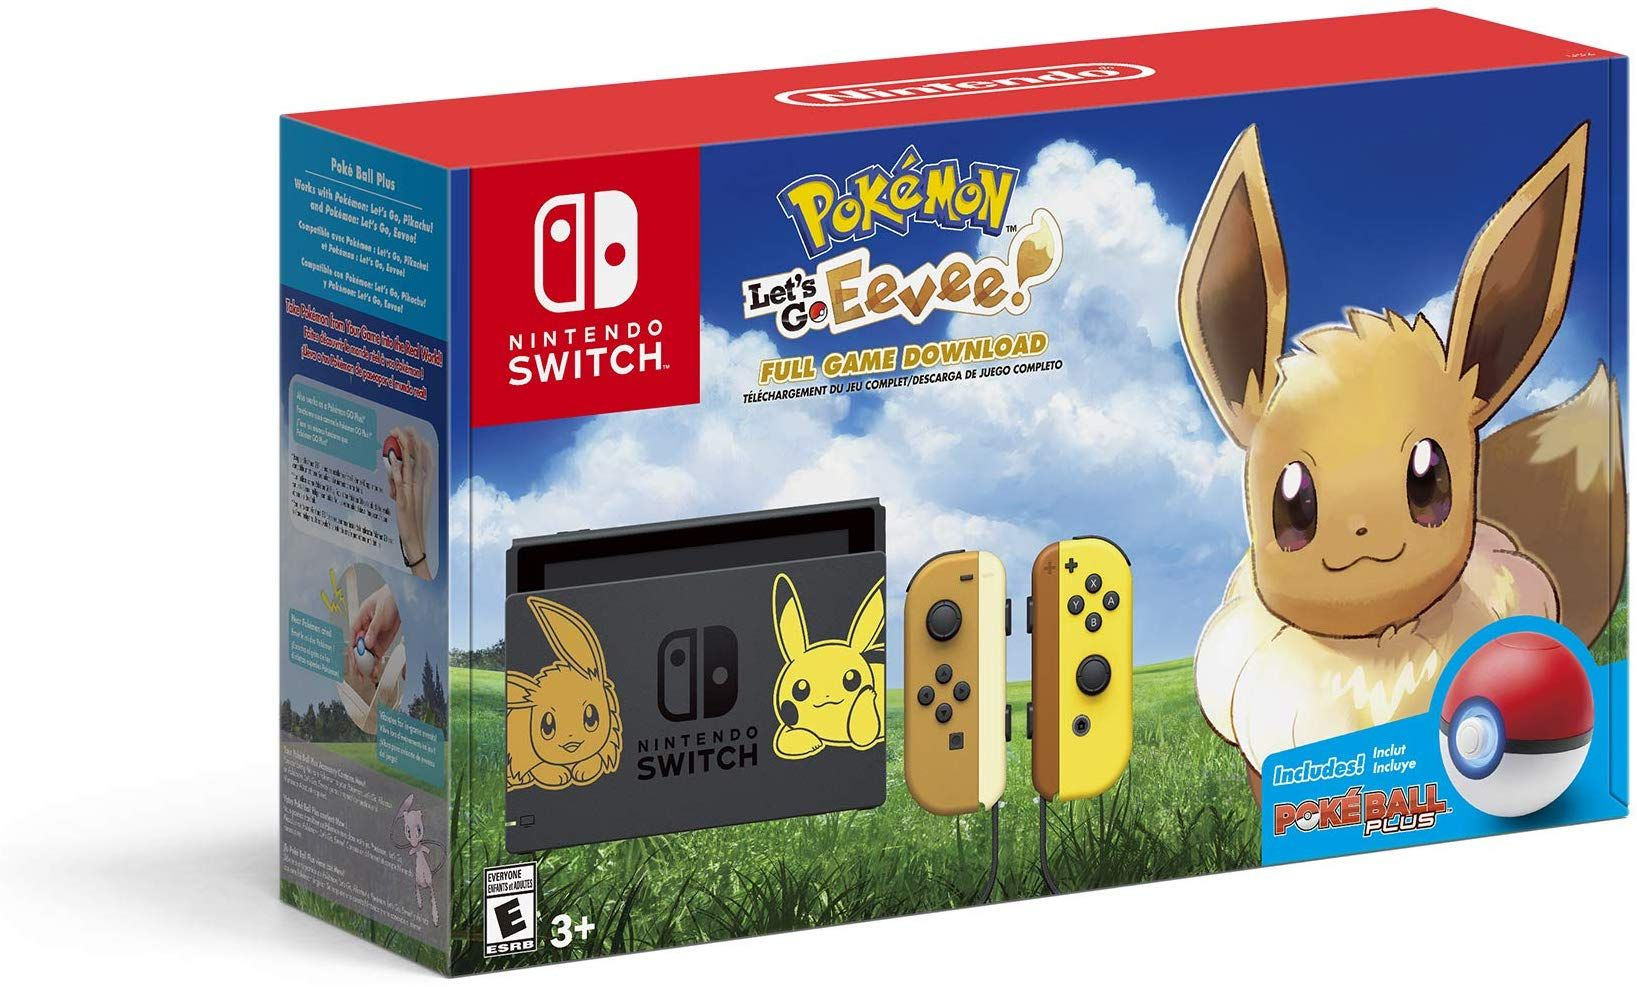 Amazon Com Nintendo Switch Console Bundle Pikachu Eevee Edition With Pokemon Let S Go Eevee Poke Ball Plus Electronics Pokemon Nintendo Switch Eevee